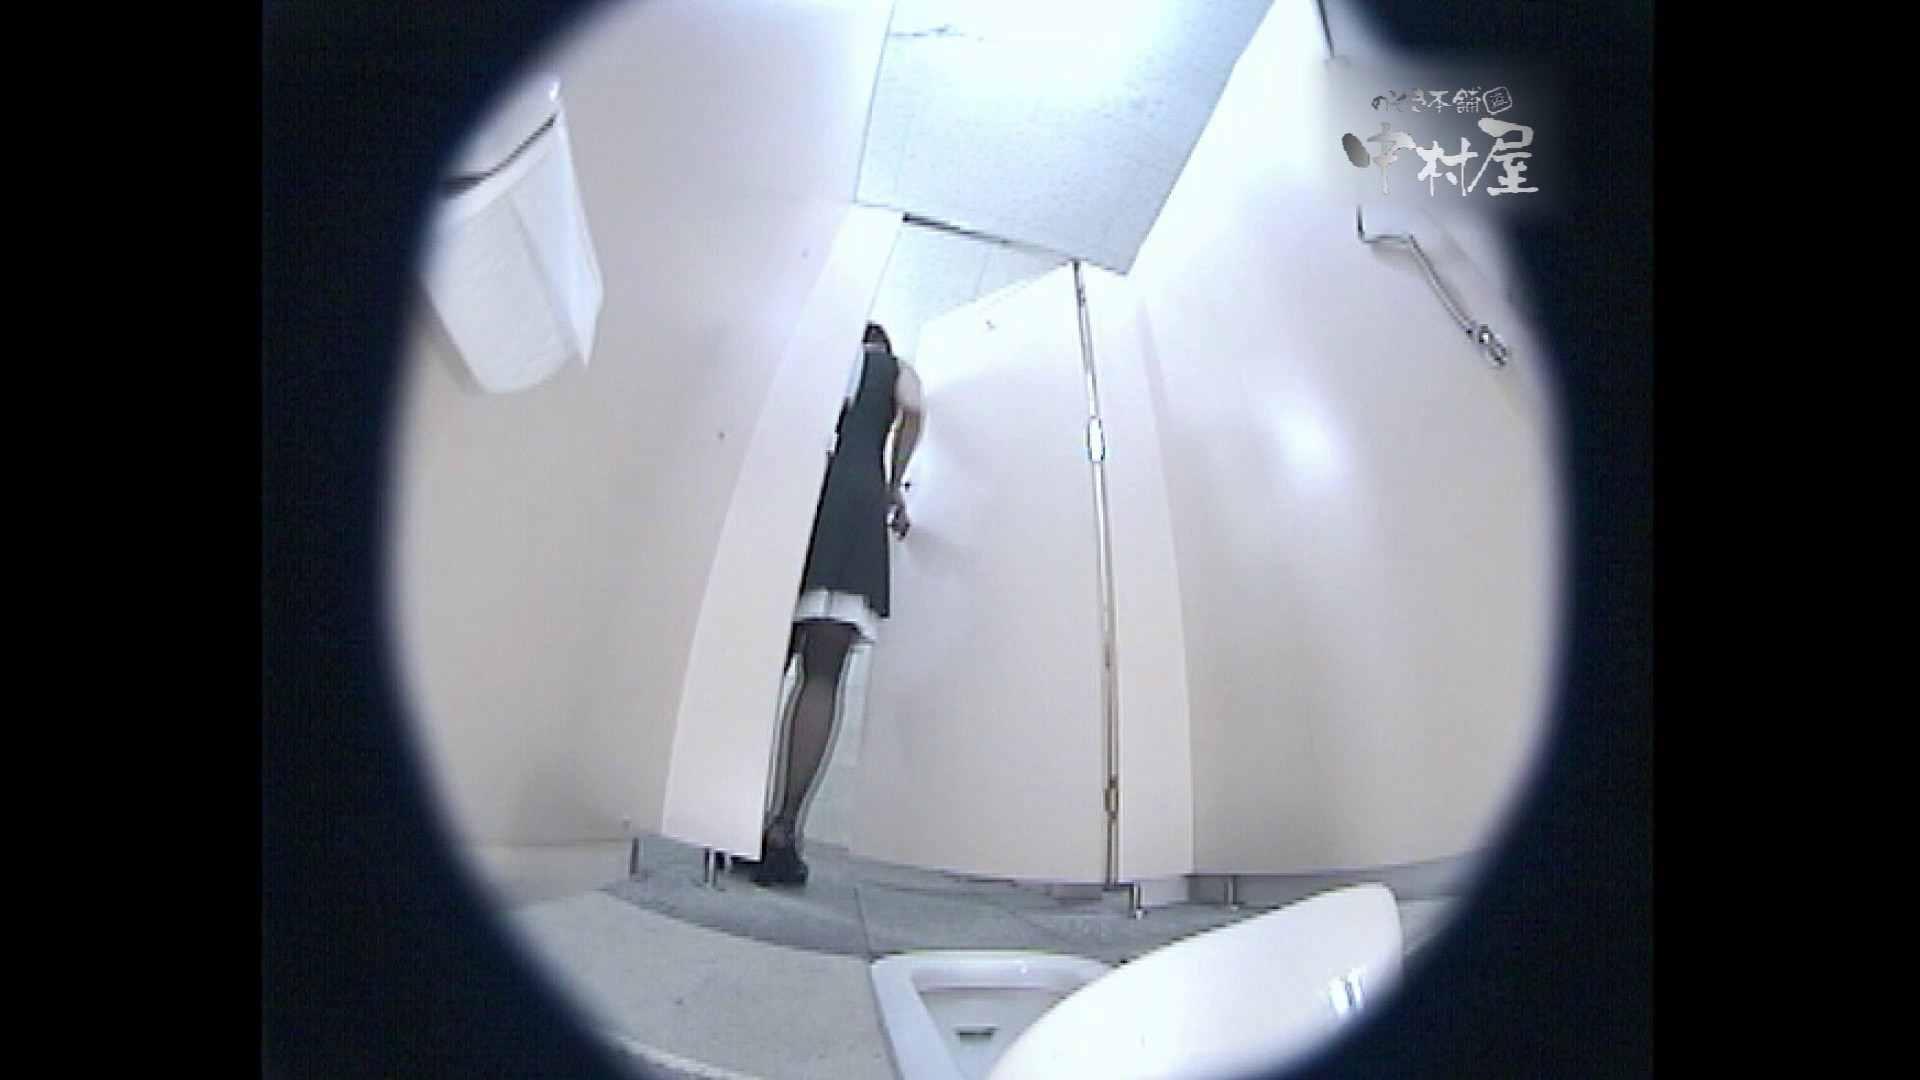 レースクィーントイレ盗撮!Vol.18 OLセックス 盗撮セックス無修正動画無料 98画像 68